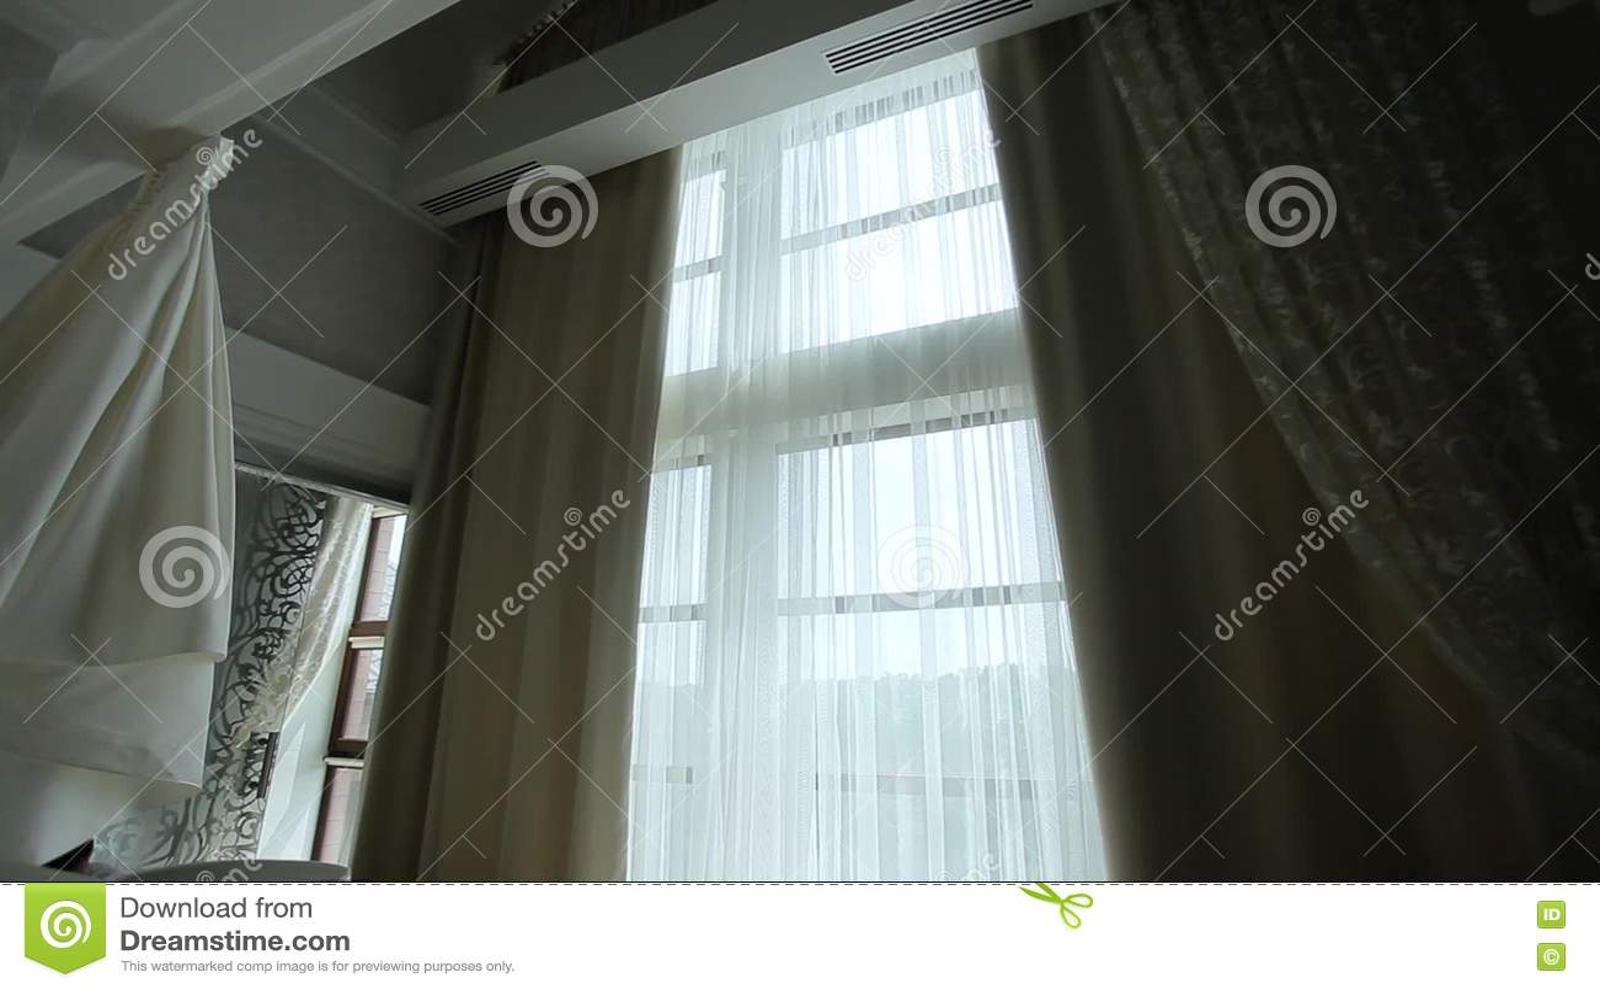 https://thumbs.dreamstime.com/z/auto-sluit-gordijnen-de-flat-met-een-groot-venster-74029278.jpg